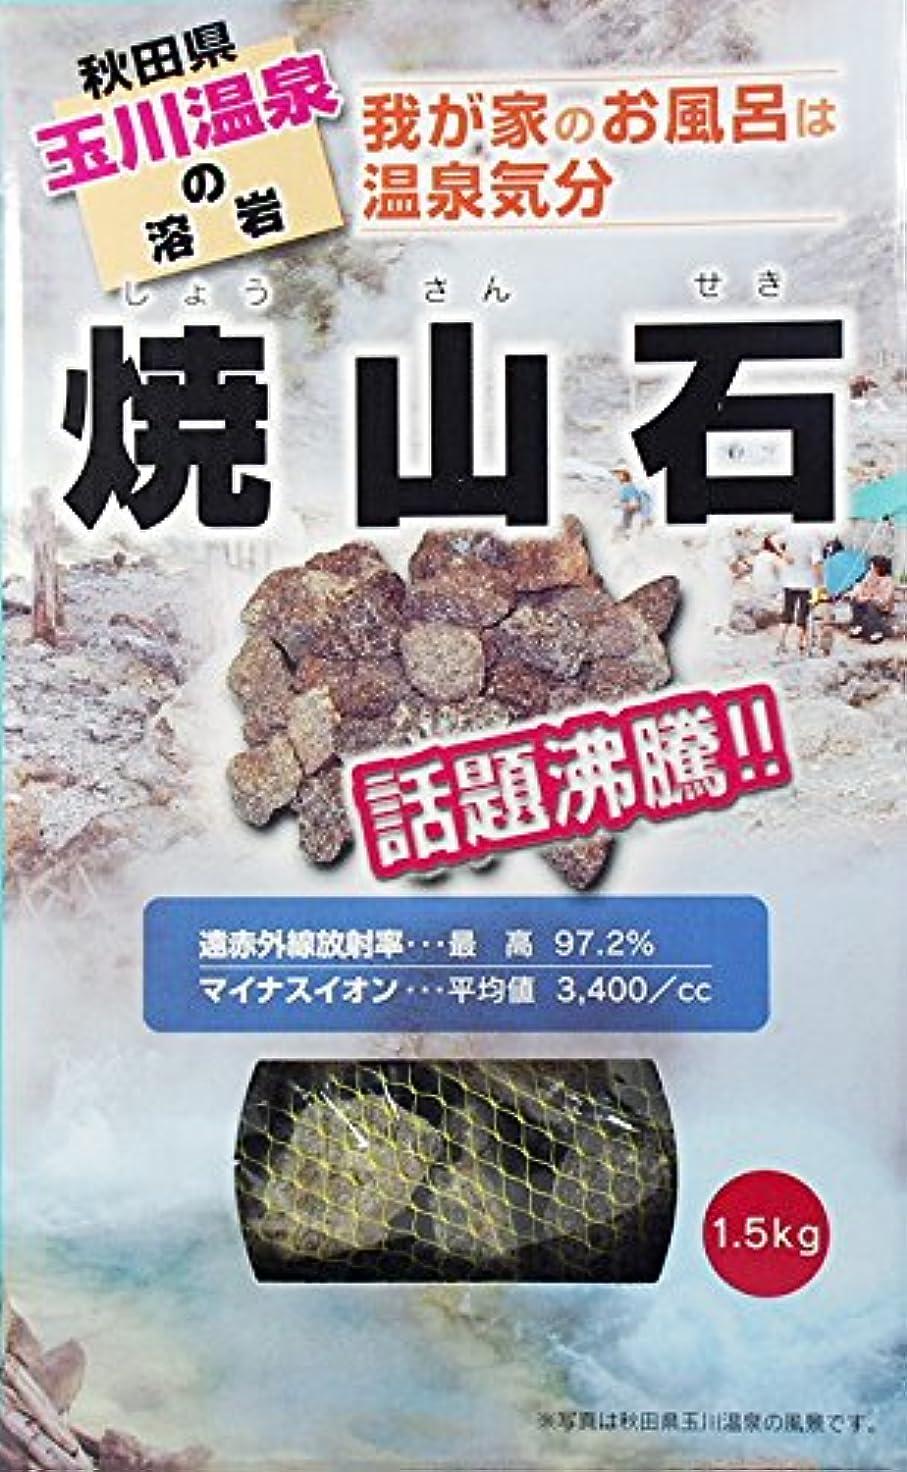 影響する俳優評判【秋田玉川温泉湧出の核】焼山石1.5kg【お風呂でポカポカに】